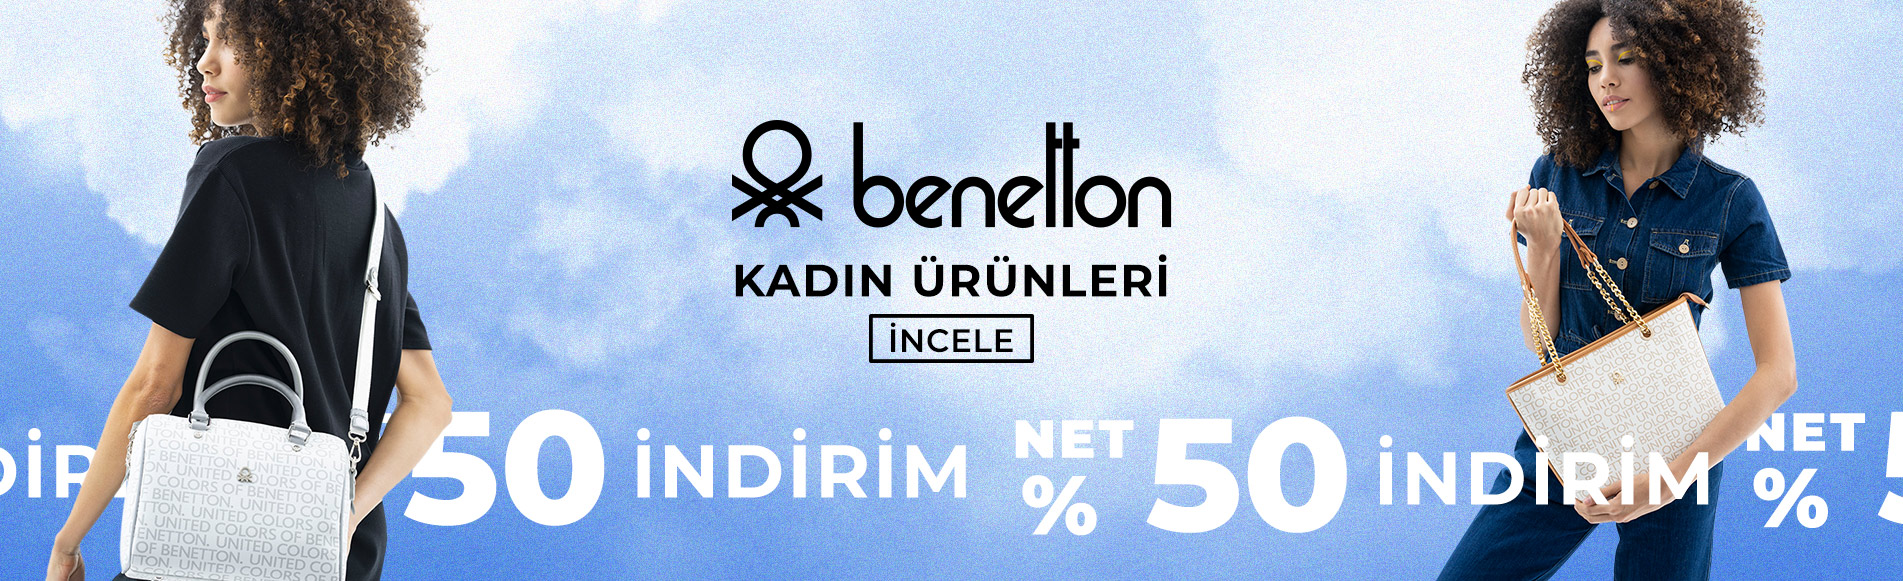 Benetton - Kadın Ürünleri